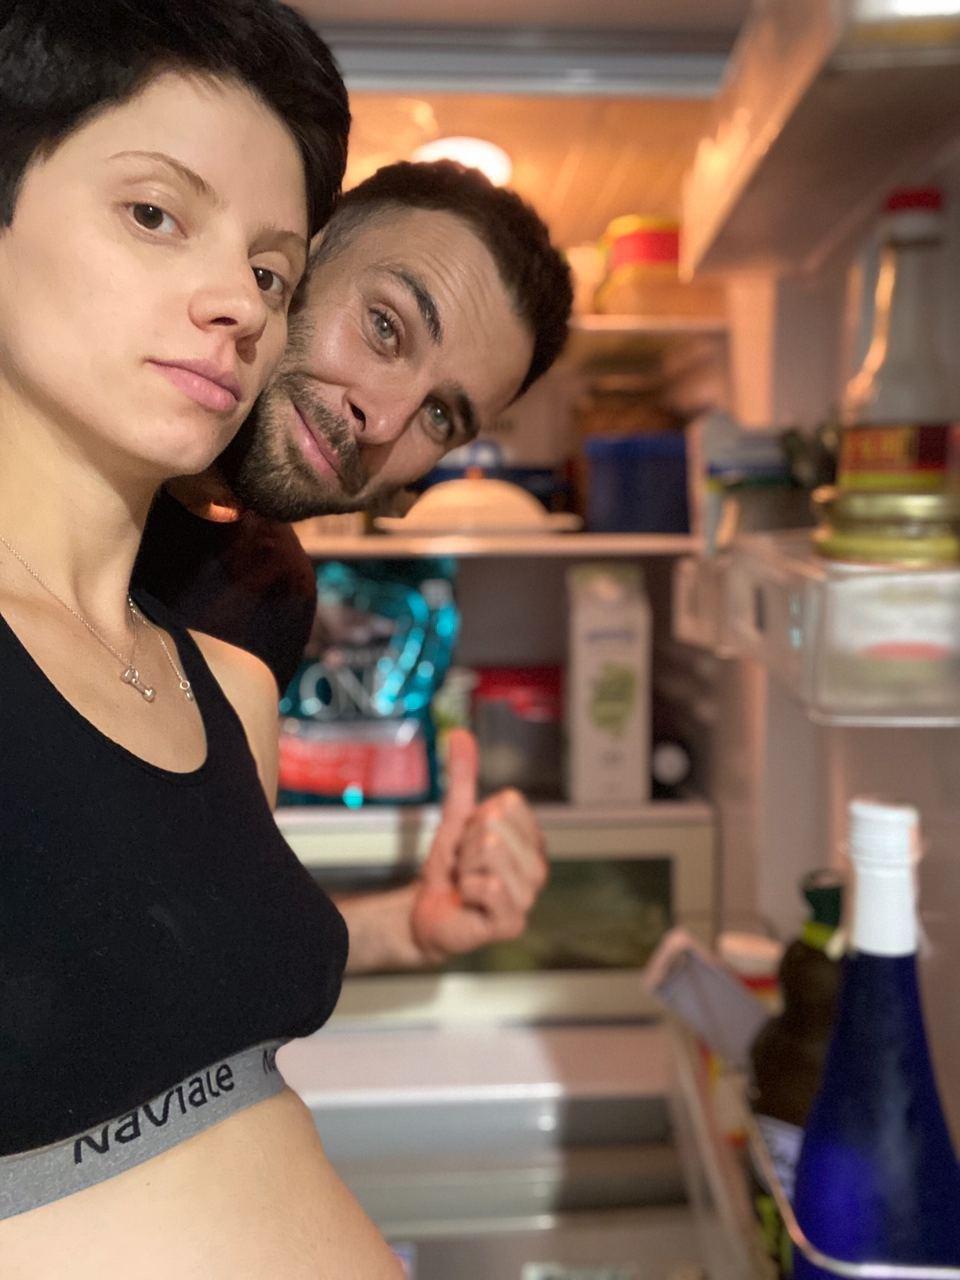 Що в холодильнику тренера: ужгородські спортсмени показали чим харчуються (ФОТО), фото-6